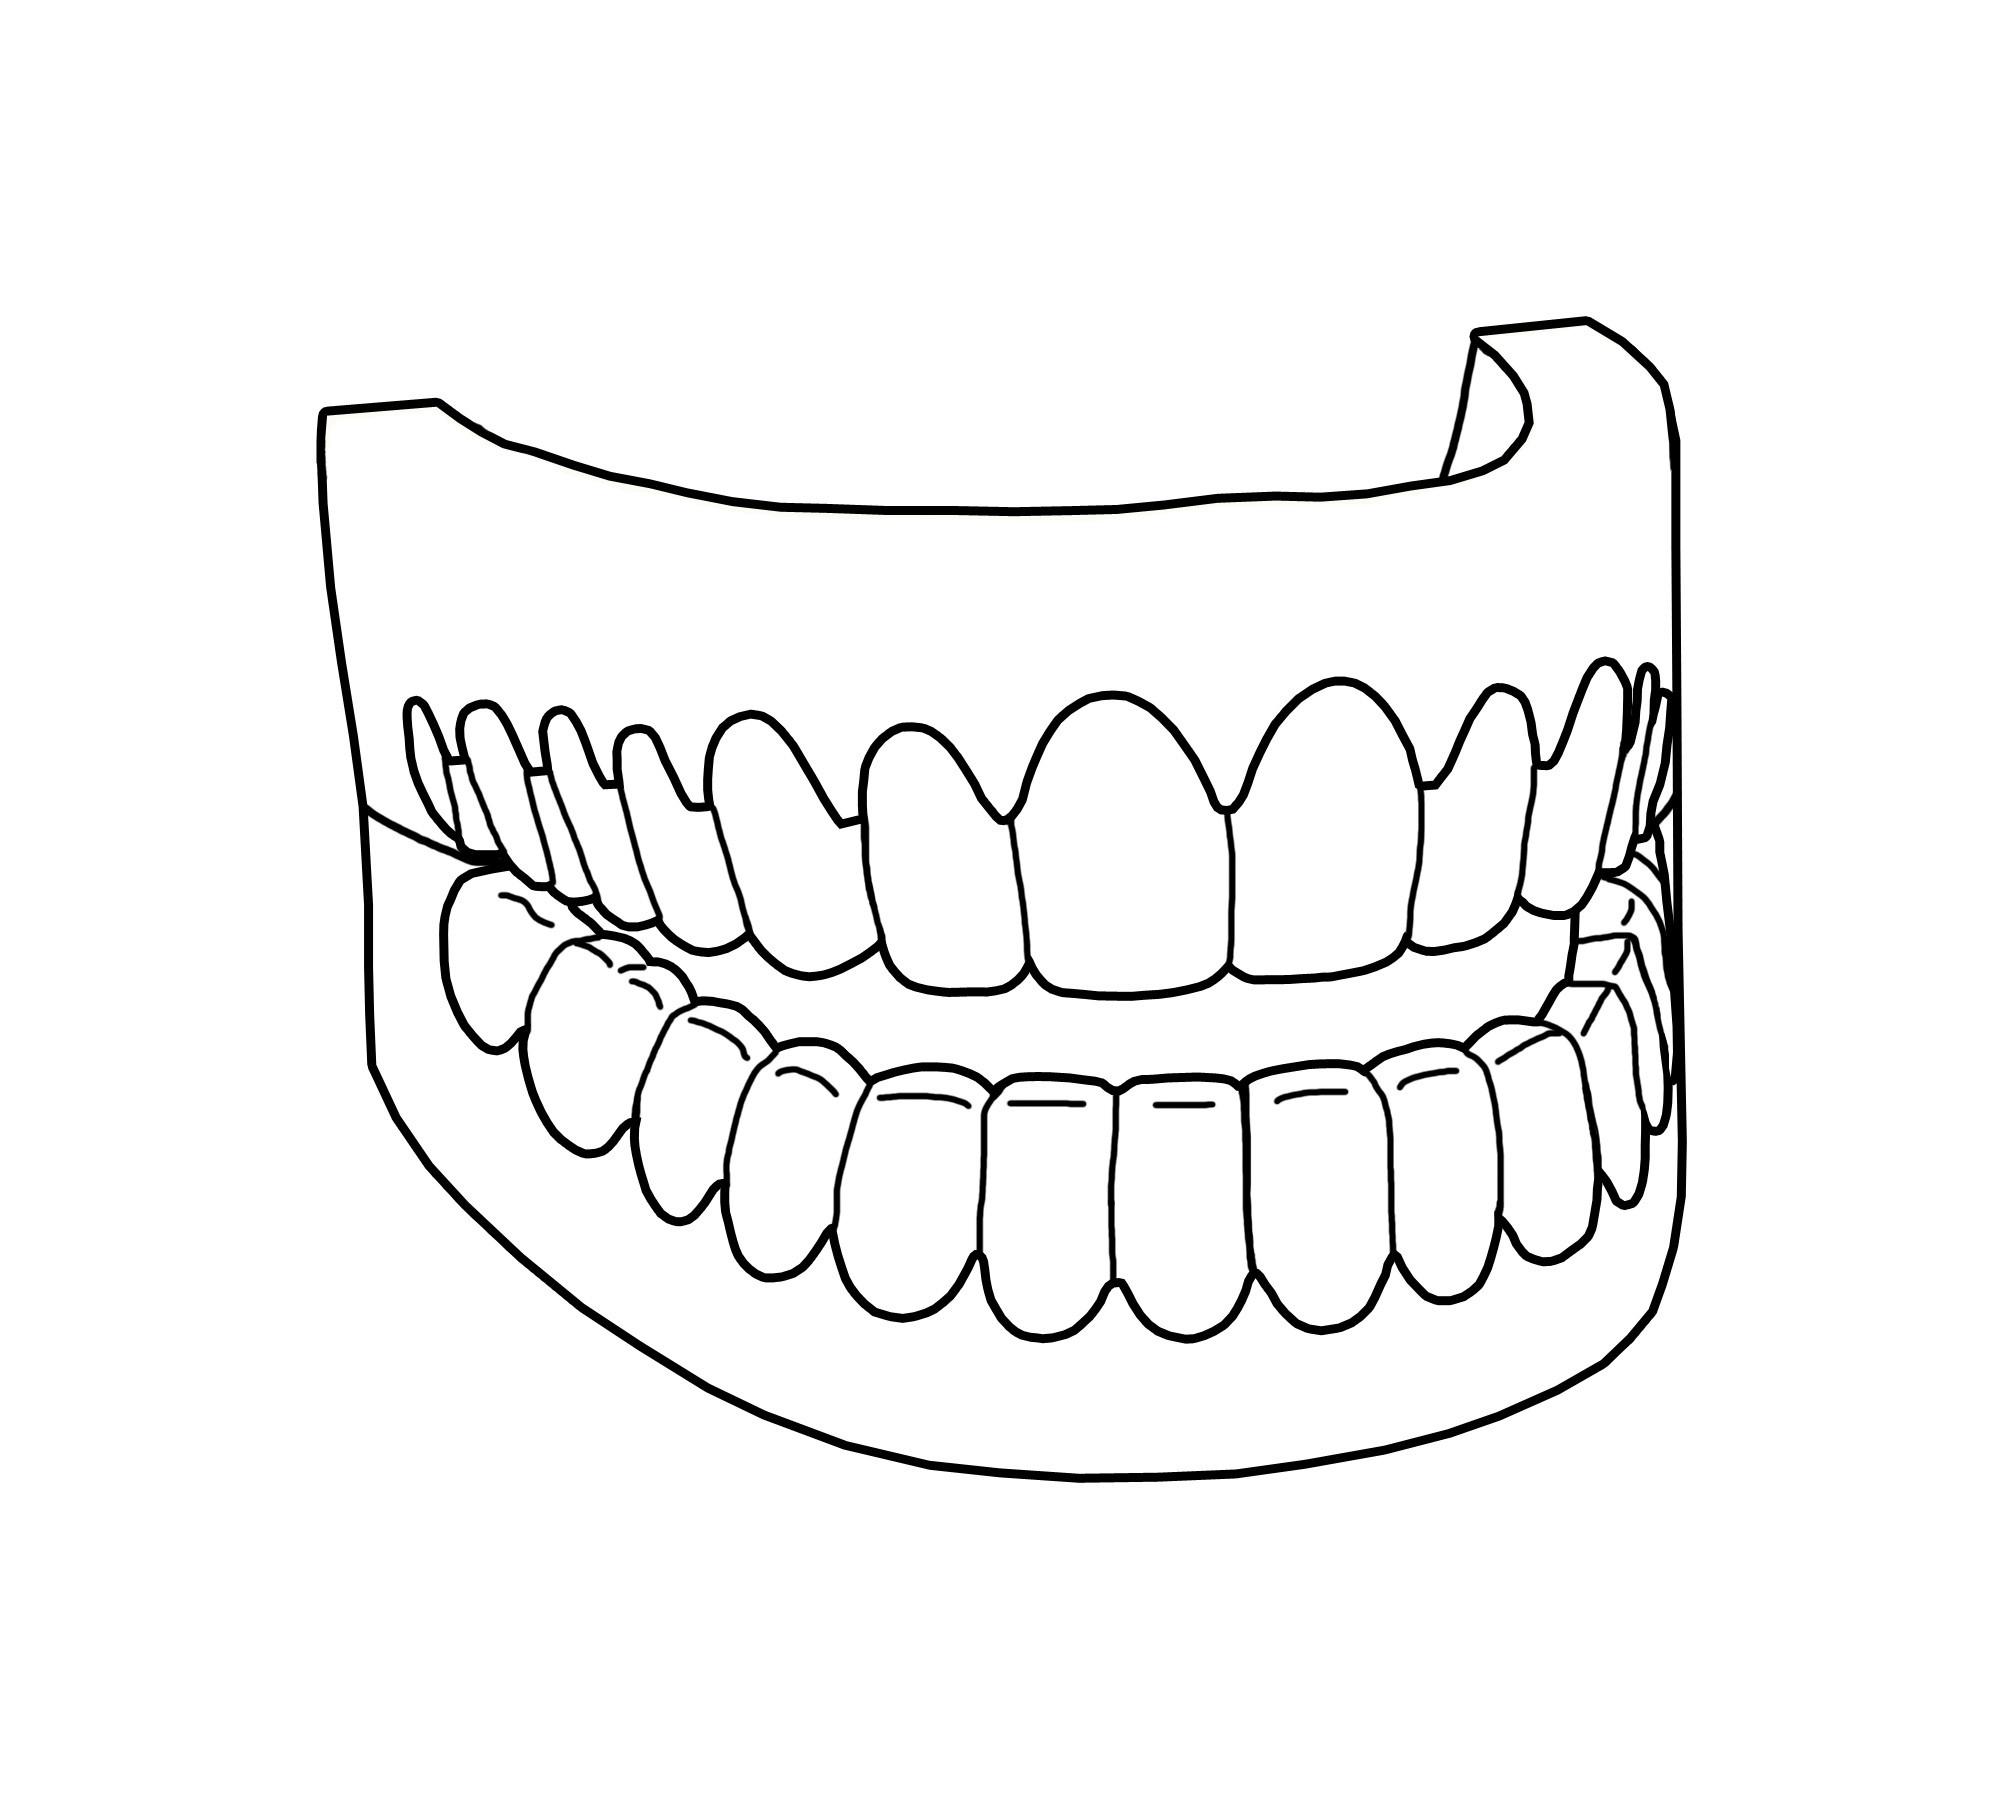 Smileys Zum Ausmalen Inspirierend Konabeun Zum Ausdrucken Ausmalbilder Zahn Ganzes Das Bild